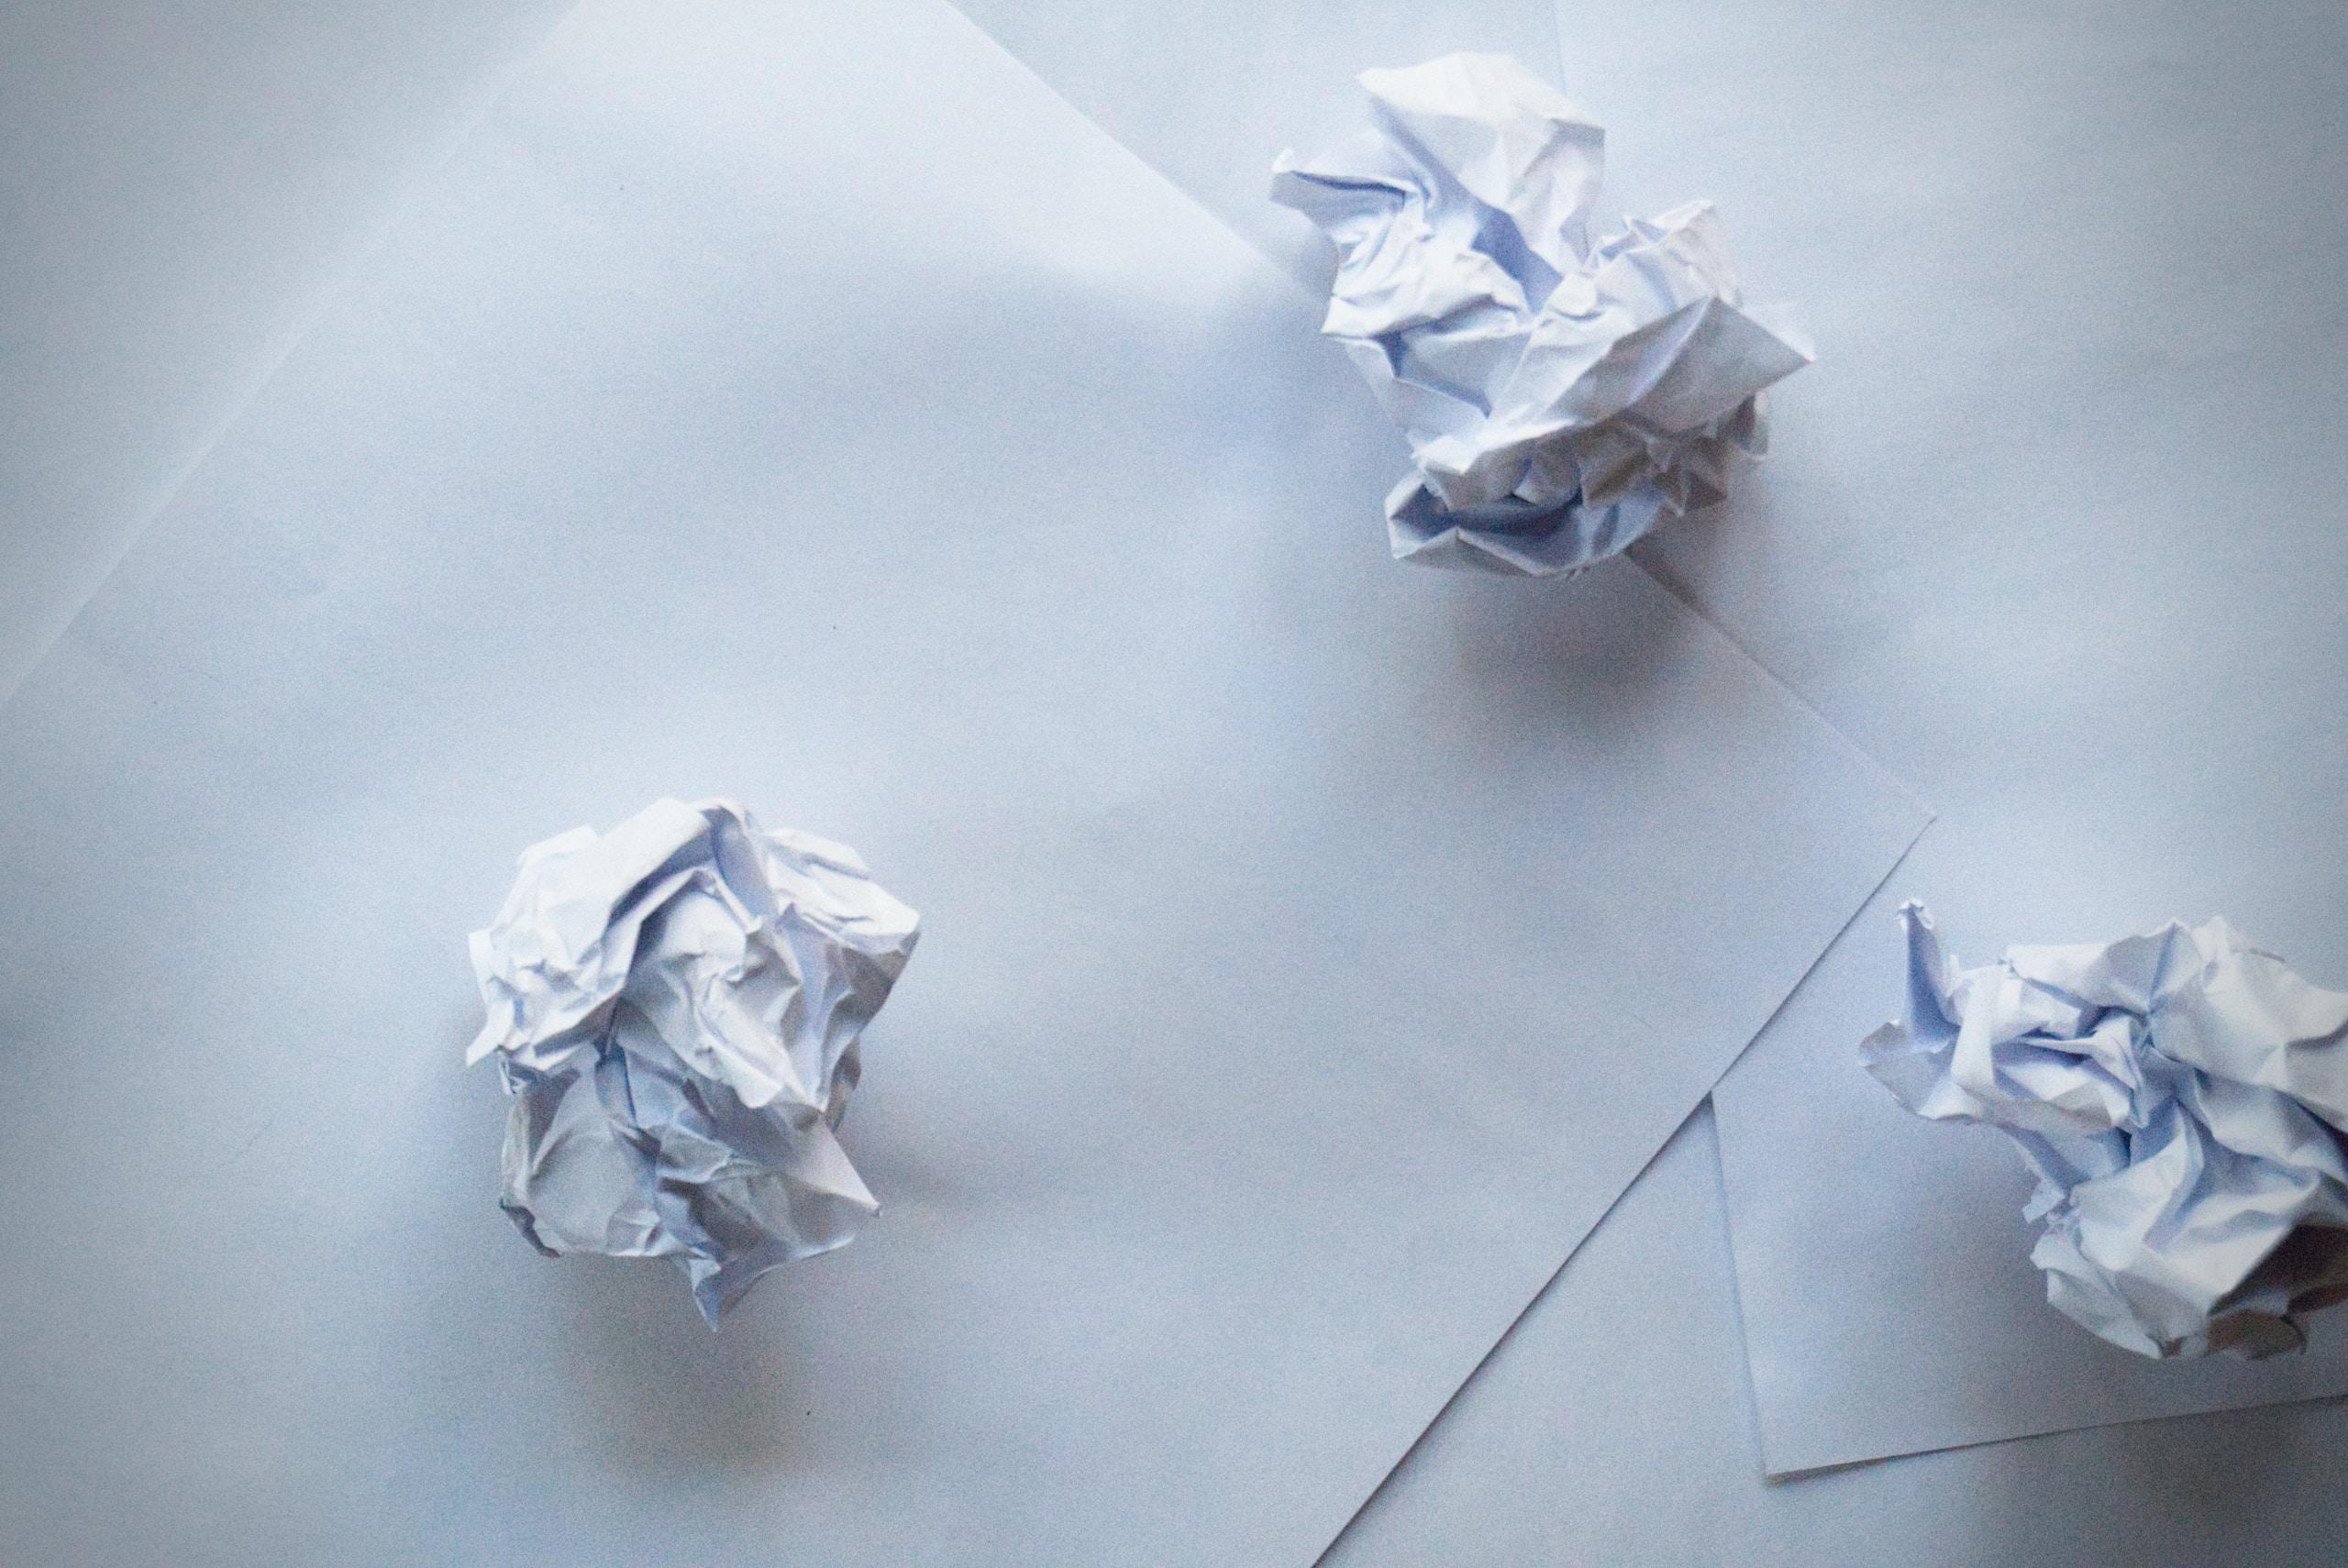 vacunas de ARN mensajero, white paper on white floor tiles